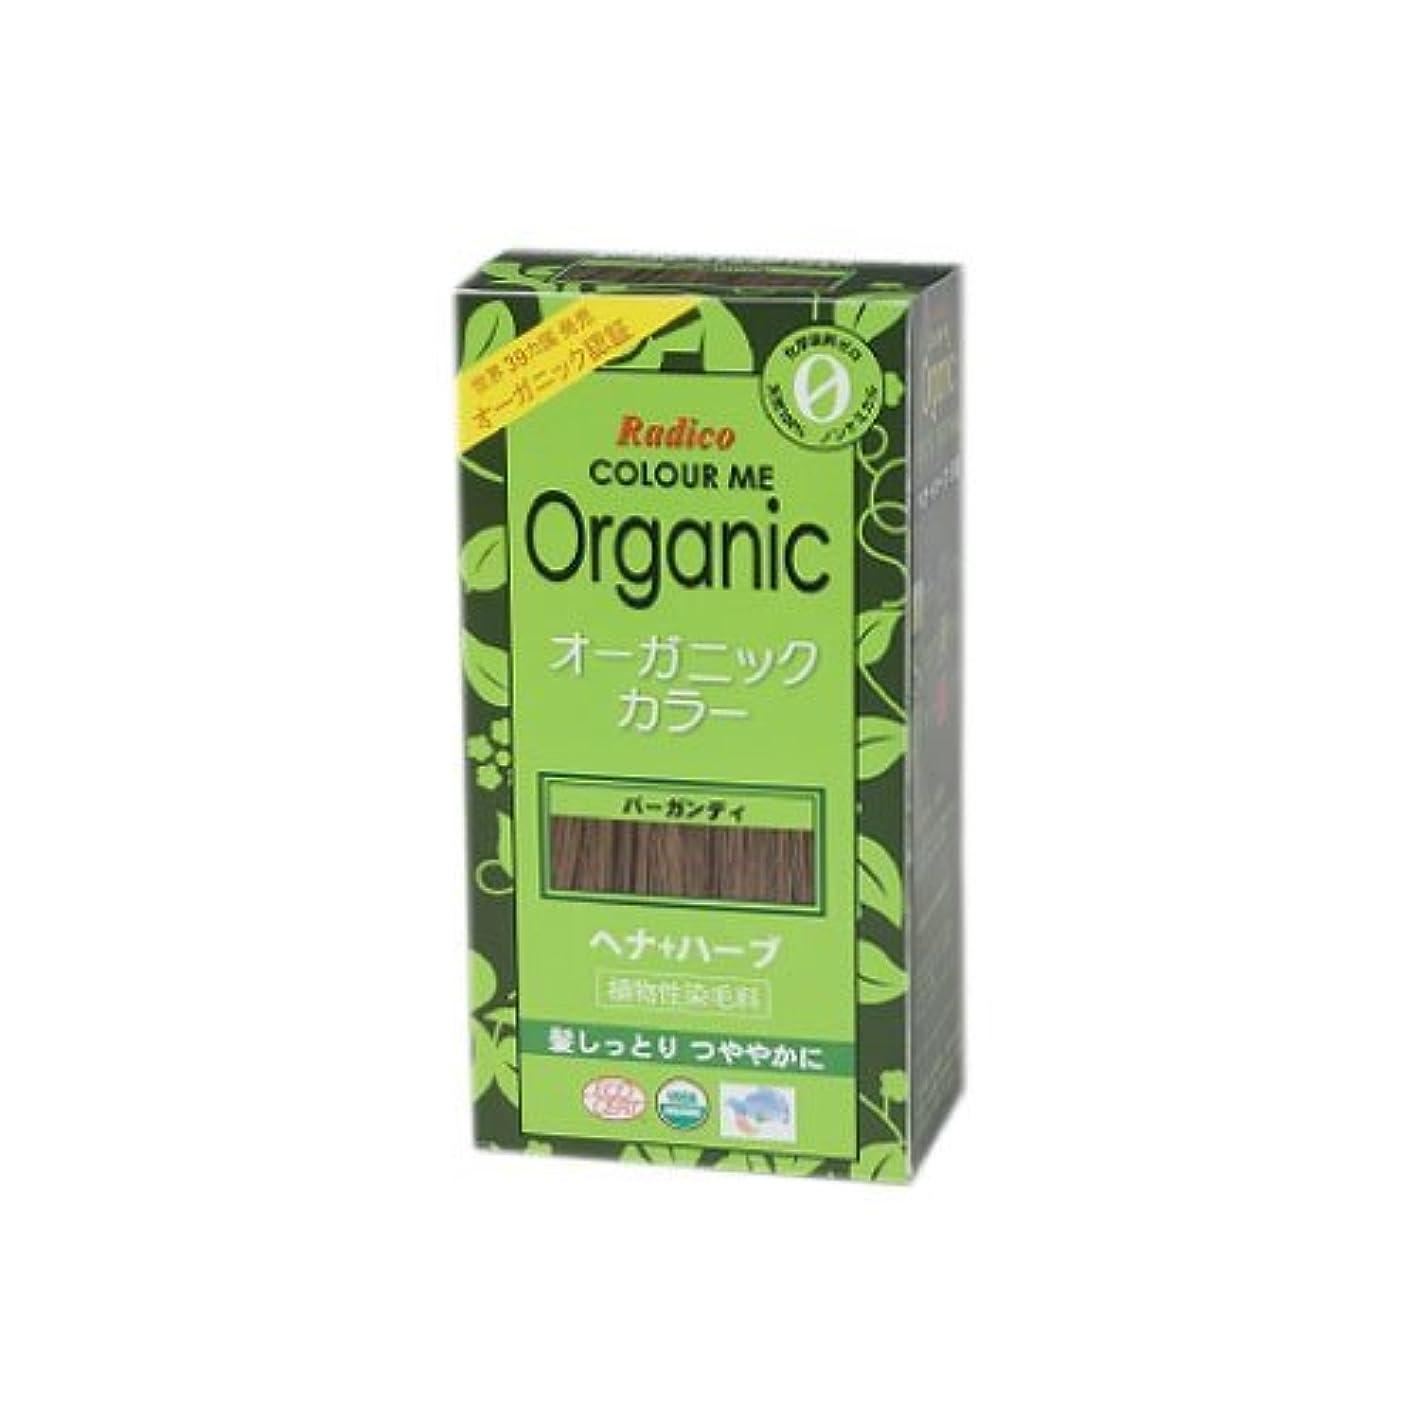 幻滅するなしでトーンCOLOURME Organic (カラーミーオーガニック ヘナ 白髪用) バーガンディ 100g